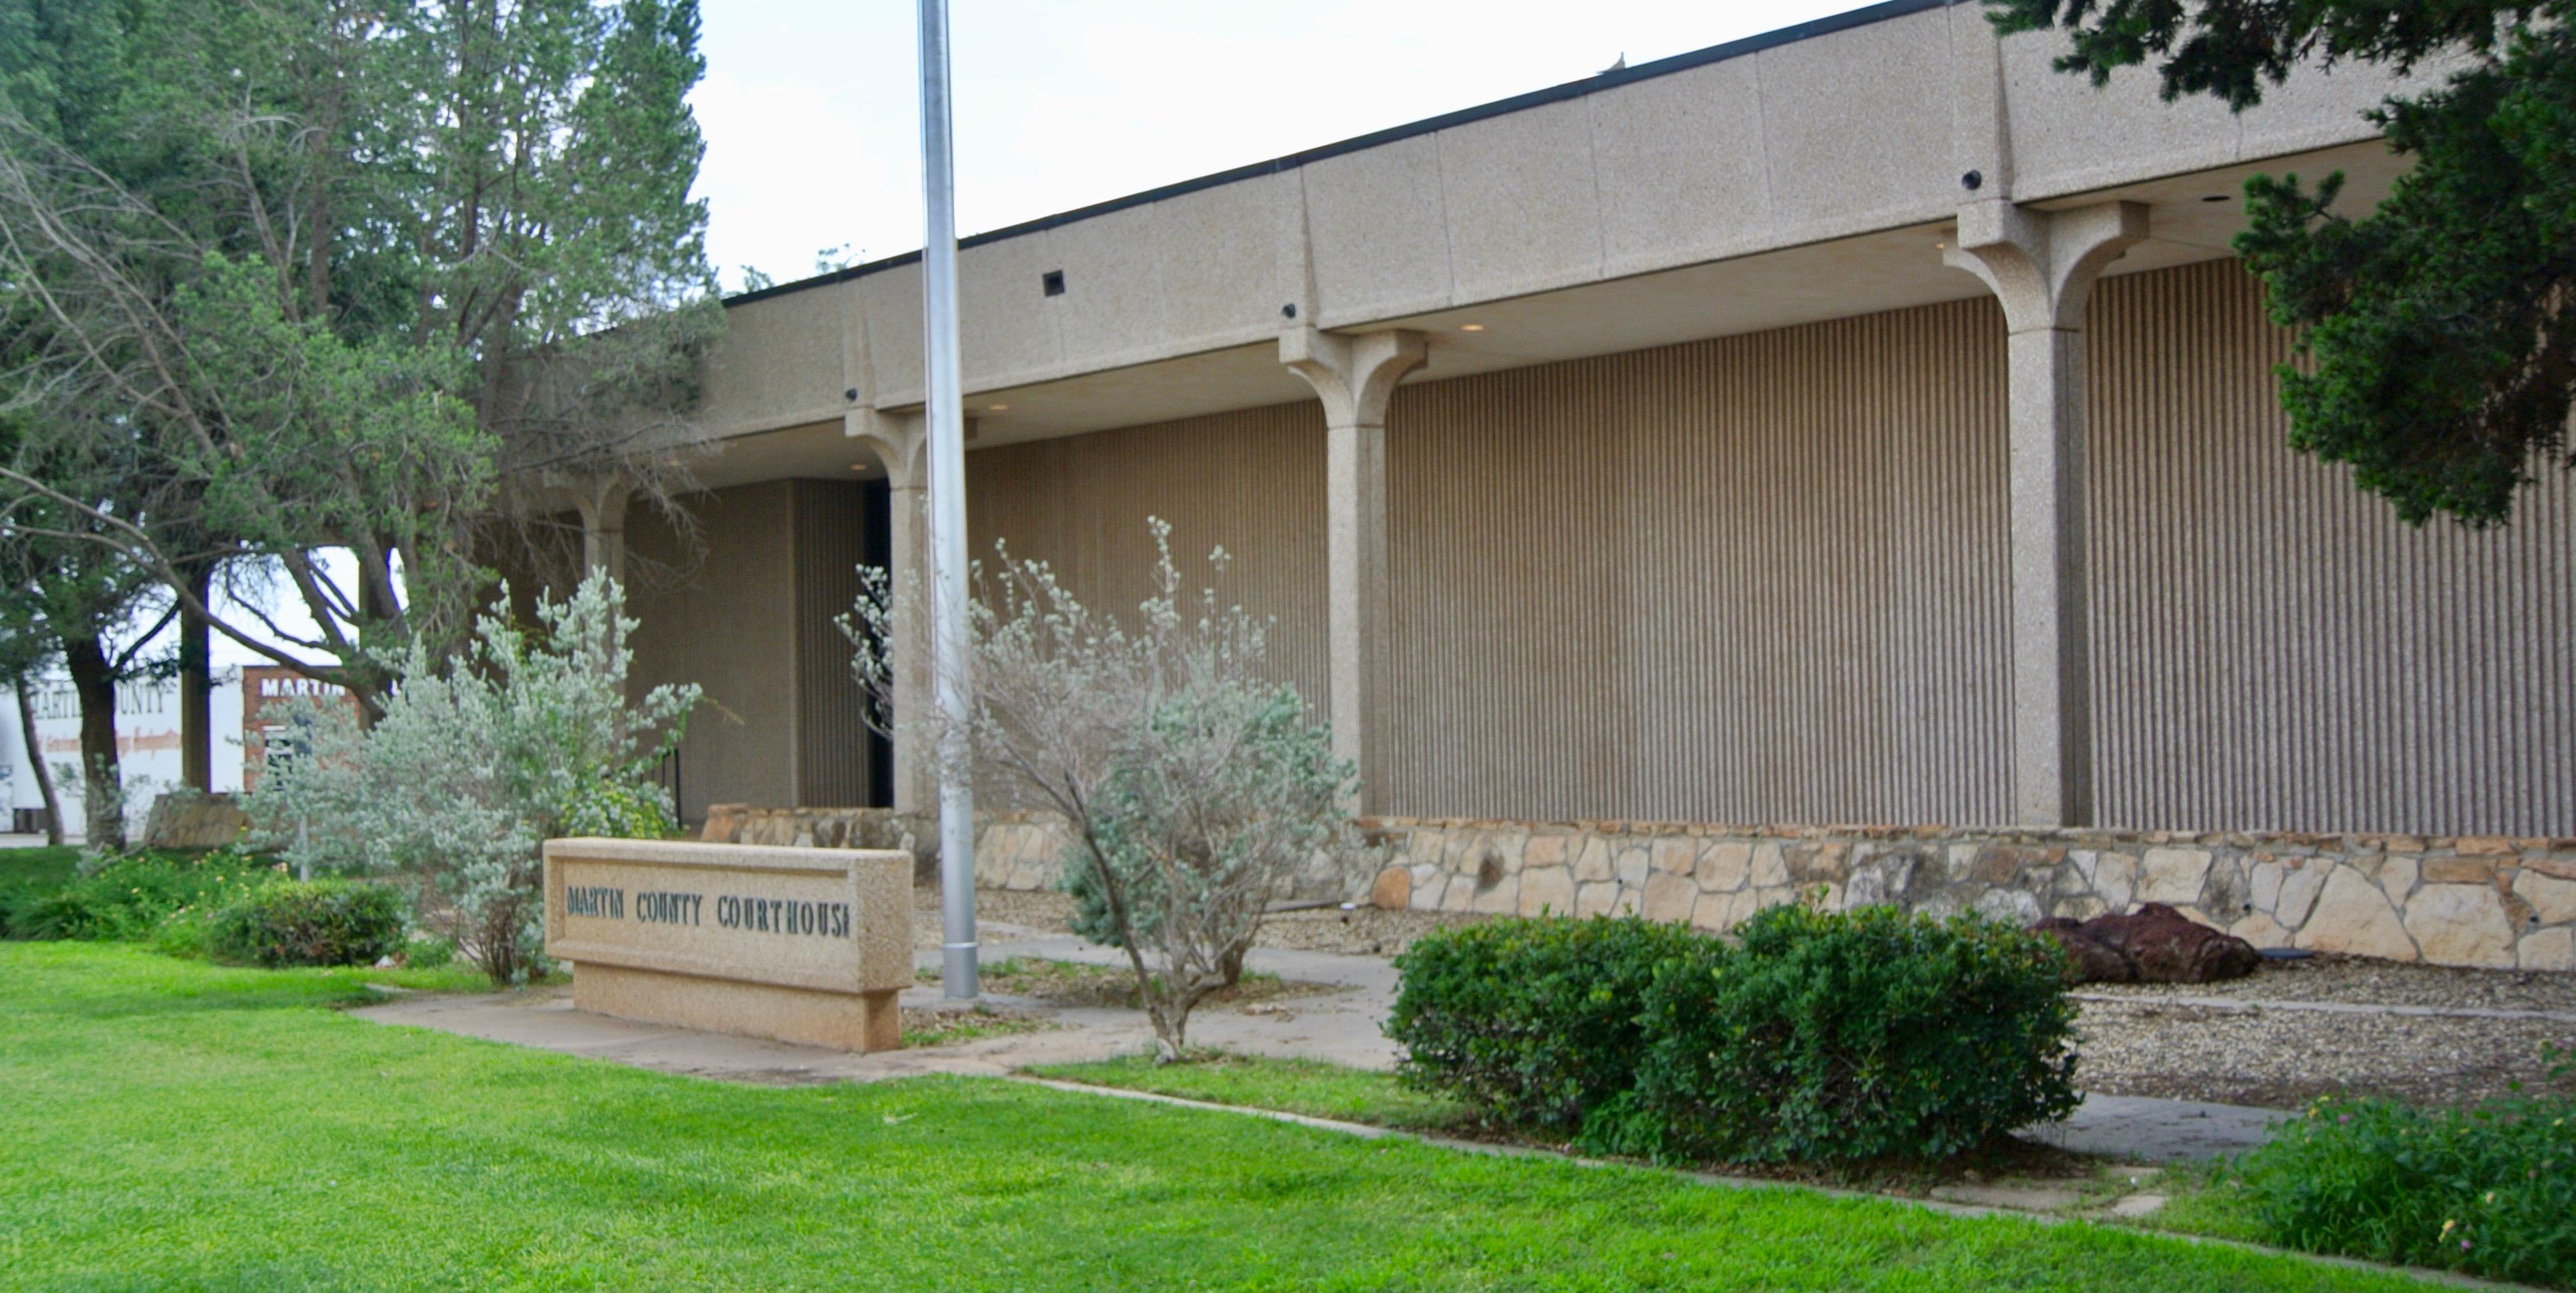 Martin County Courthouse, Stanton, Texas